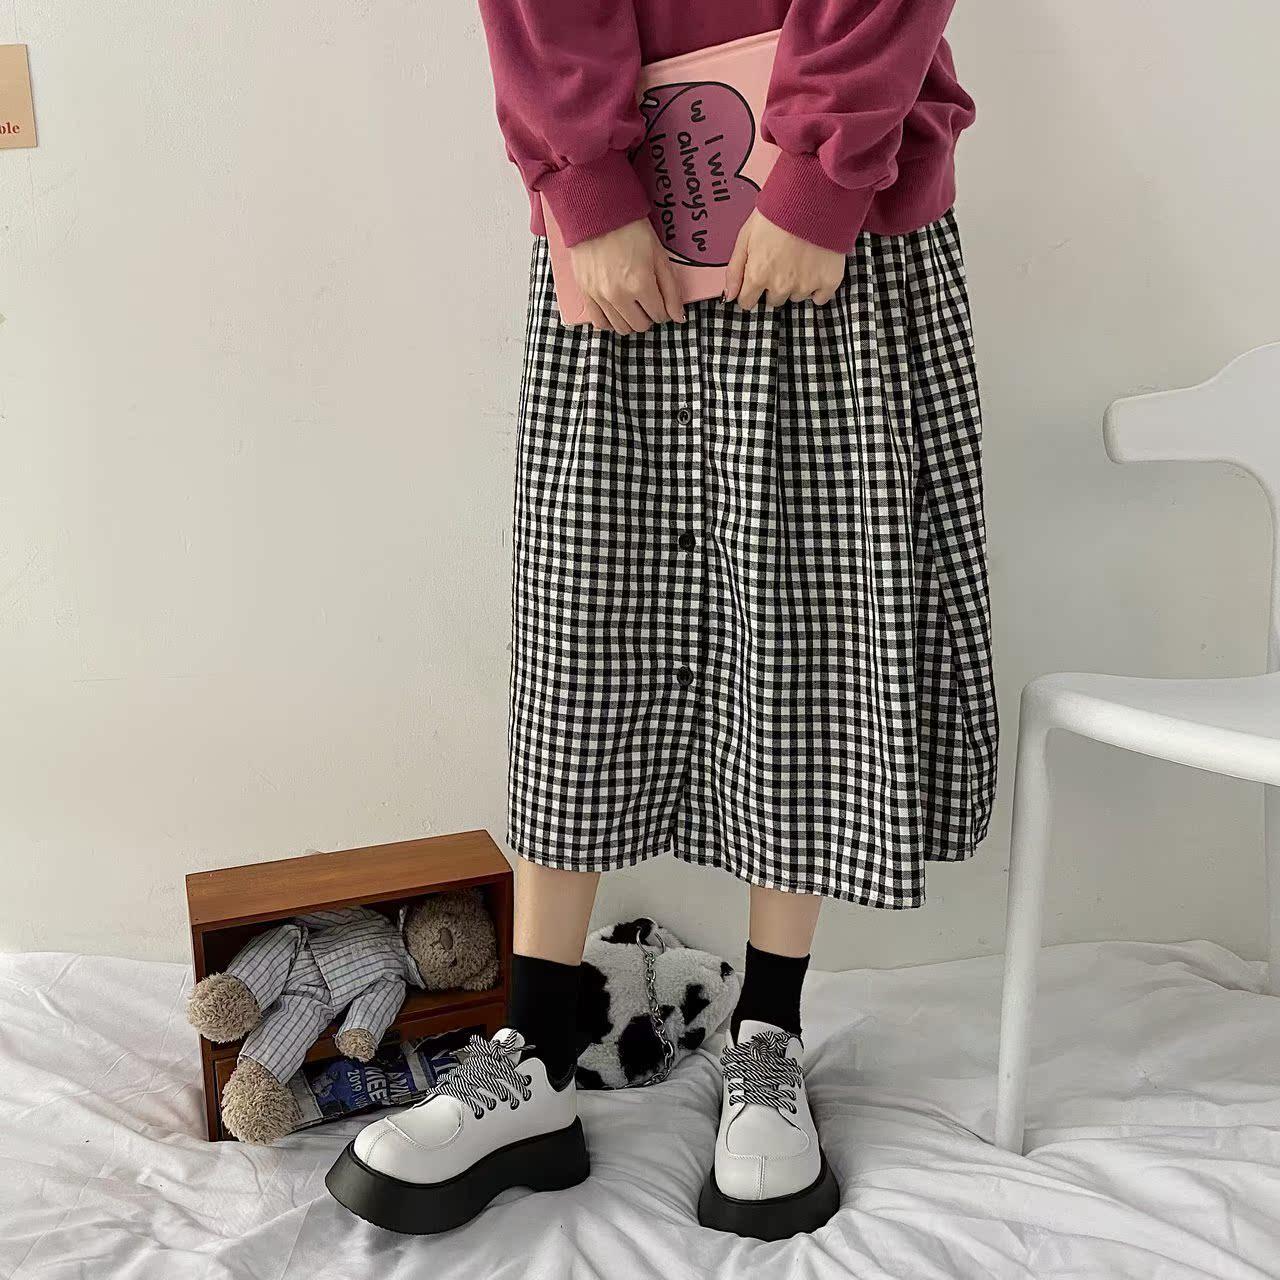 丑萌大头鞋潮女小众日系百搭通勤学生女鞋黑白色单鞋配JK洛丽塔